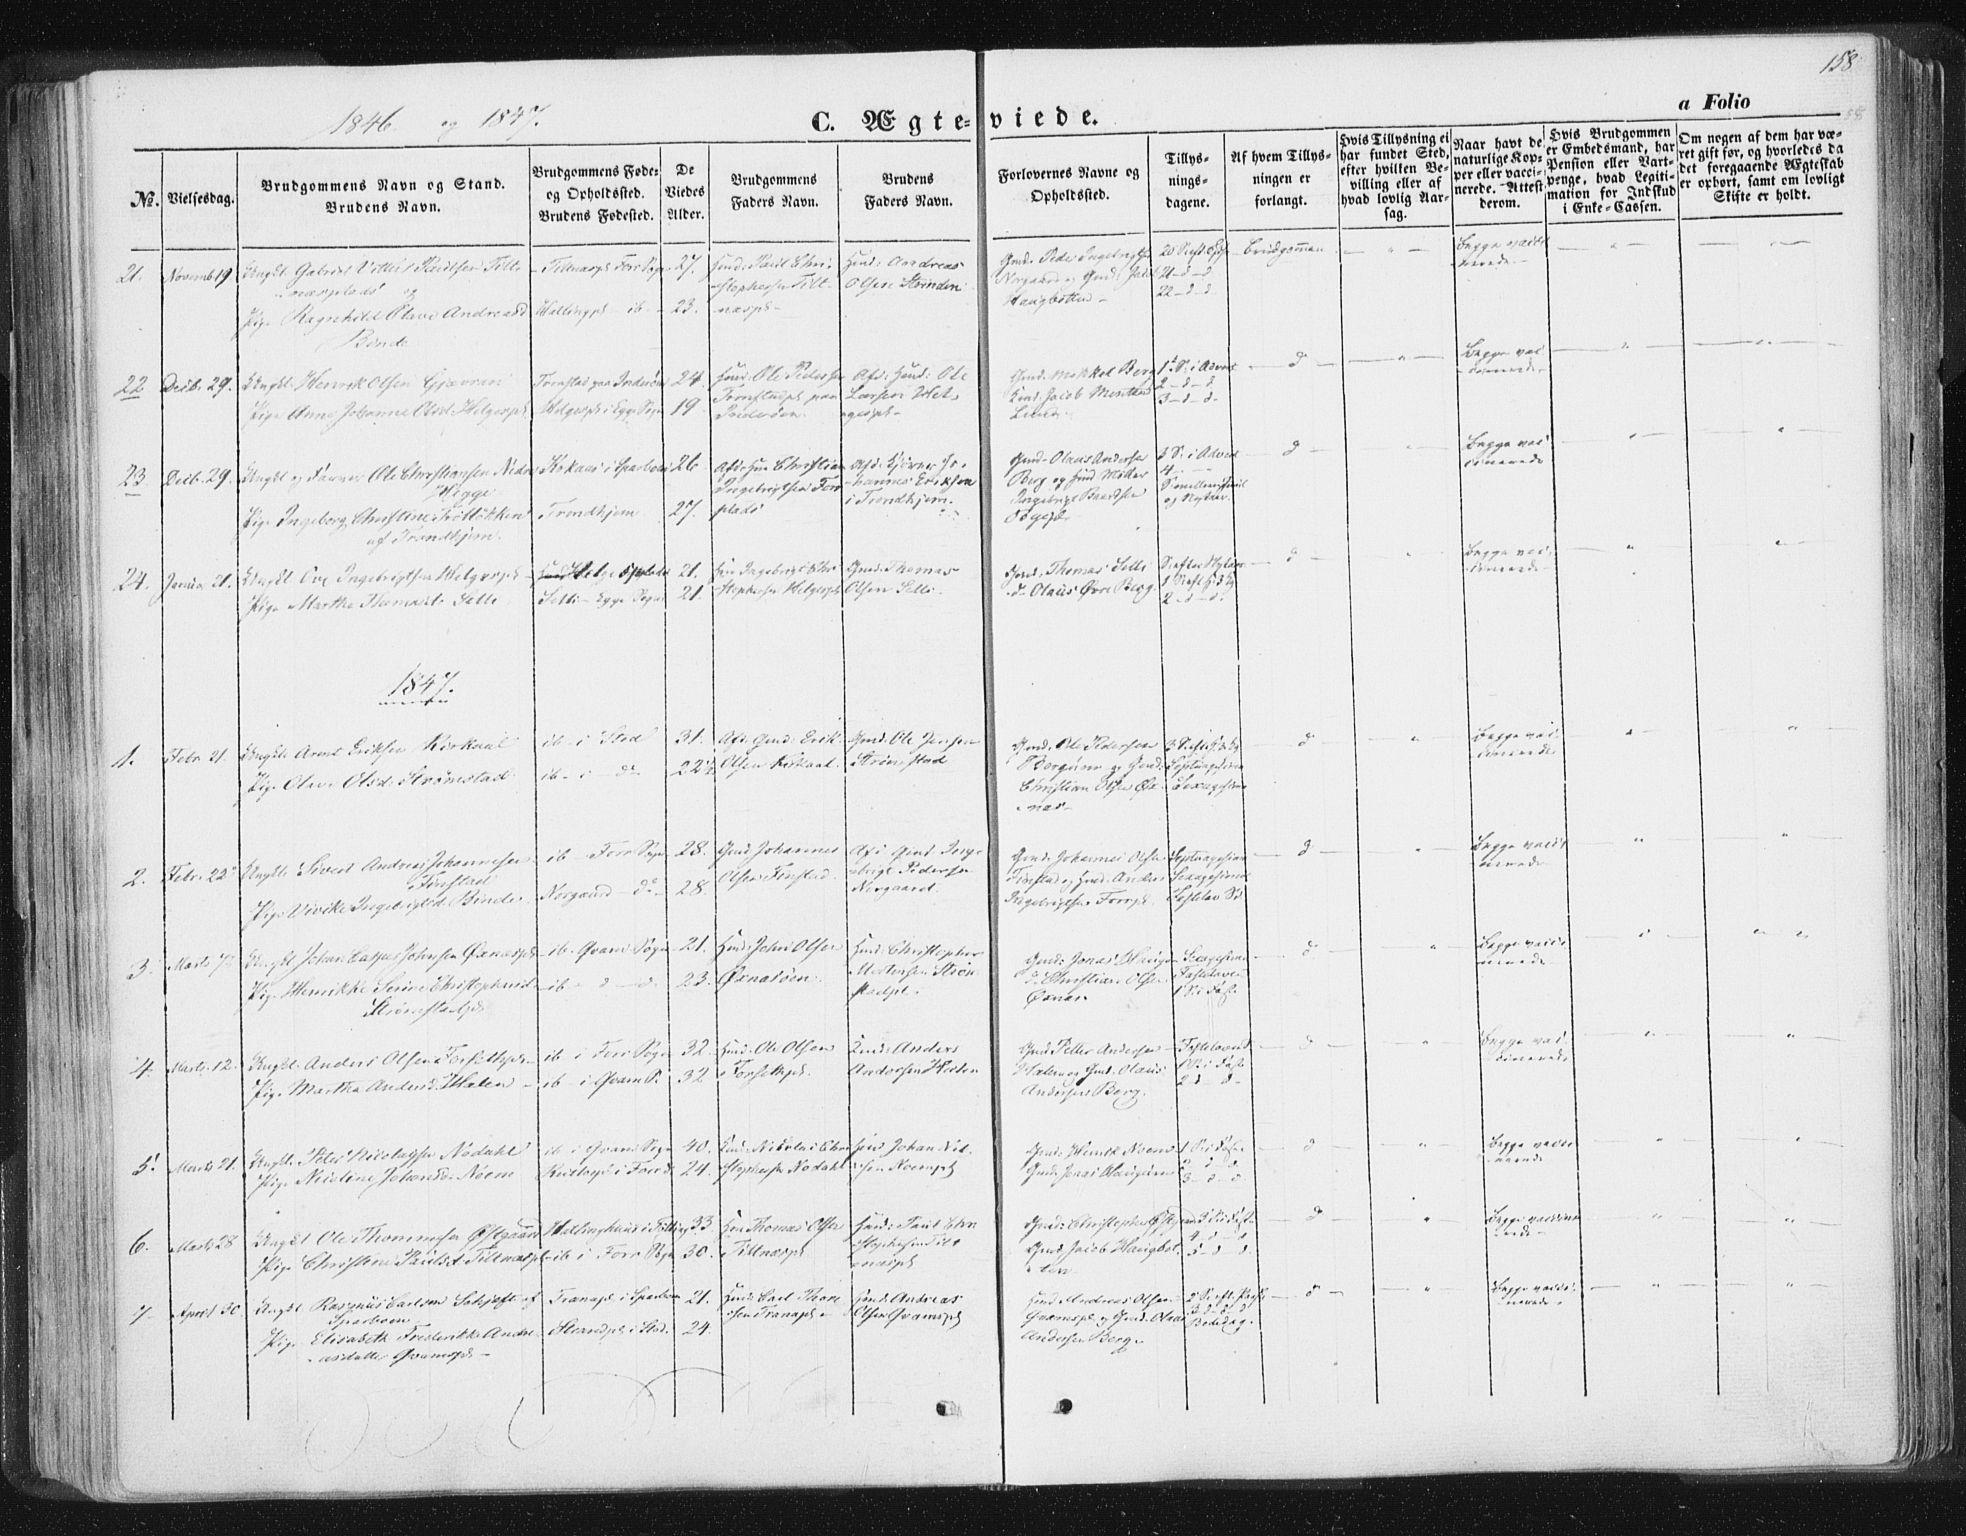 SAT, Ministerialprotokoller, klokkerbøker og fødselsregistre - Nord-Trøndelag, 746/L0446: Ministerialbok nr. 746A05, 1846-1859, s. 158